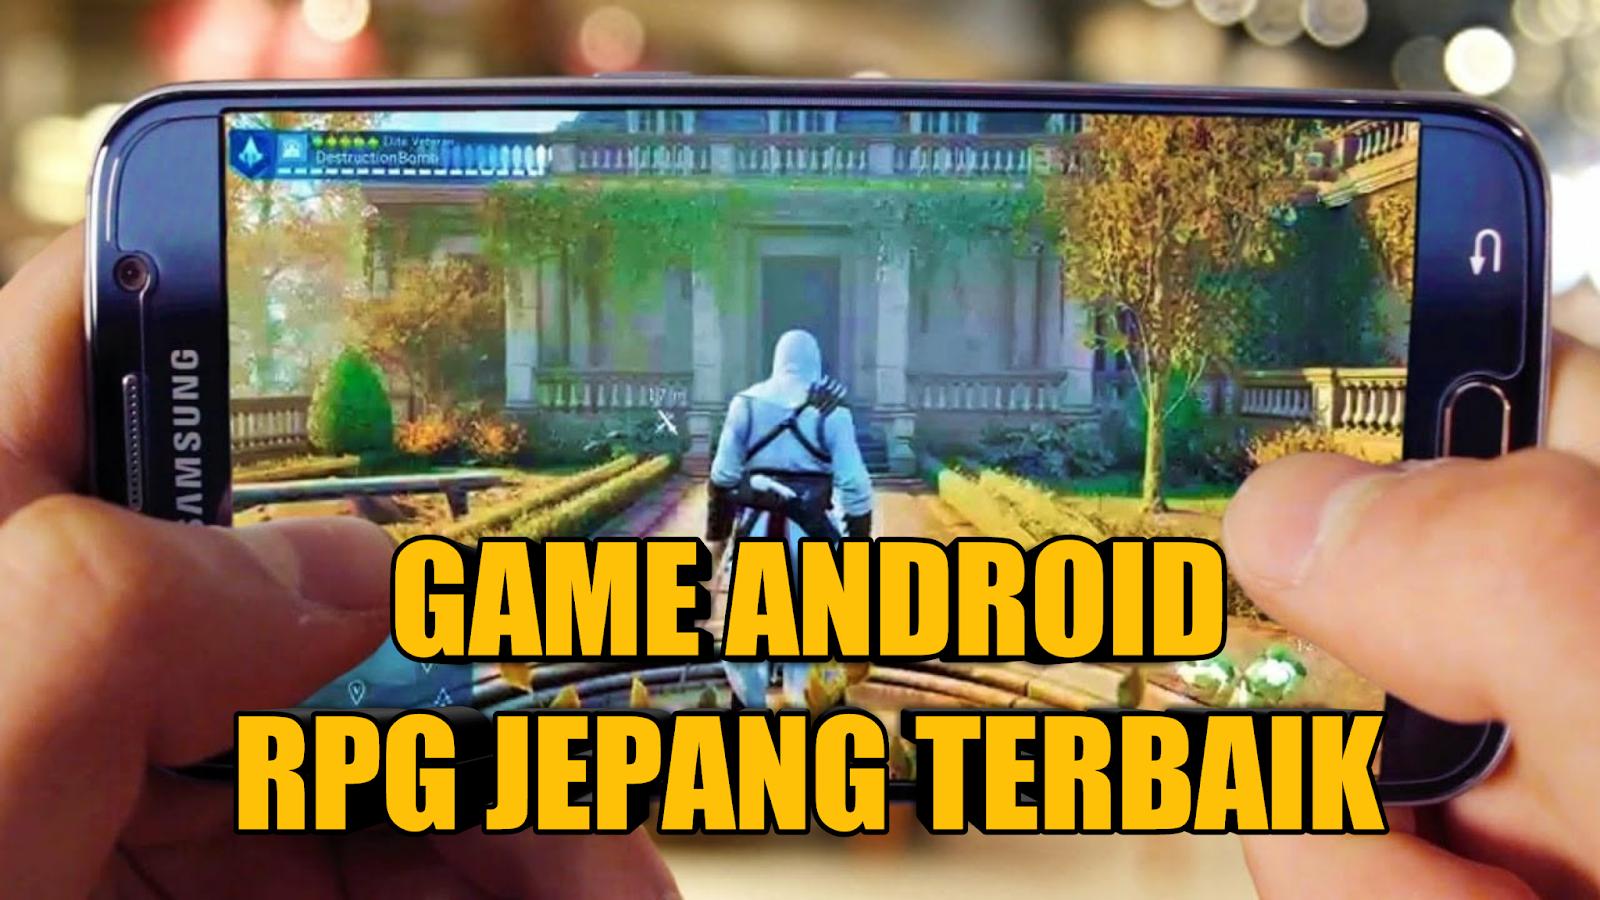 game-android-rpg-jepang-terbaik